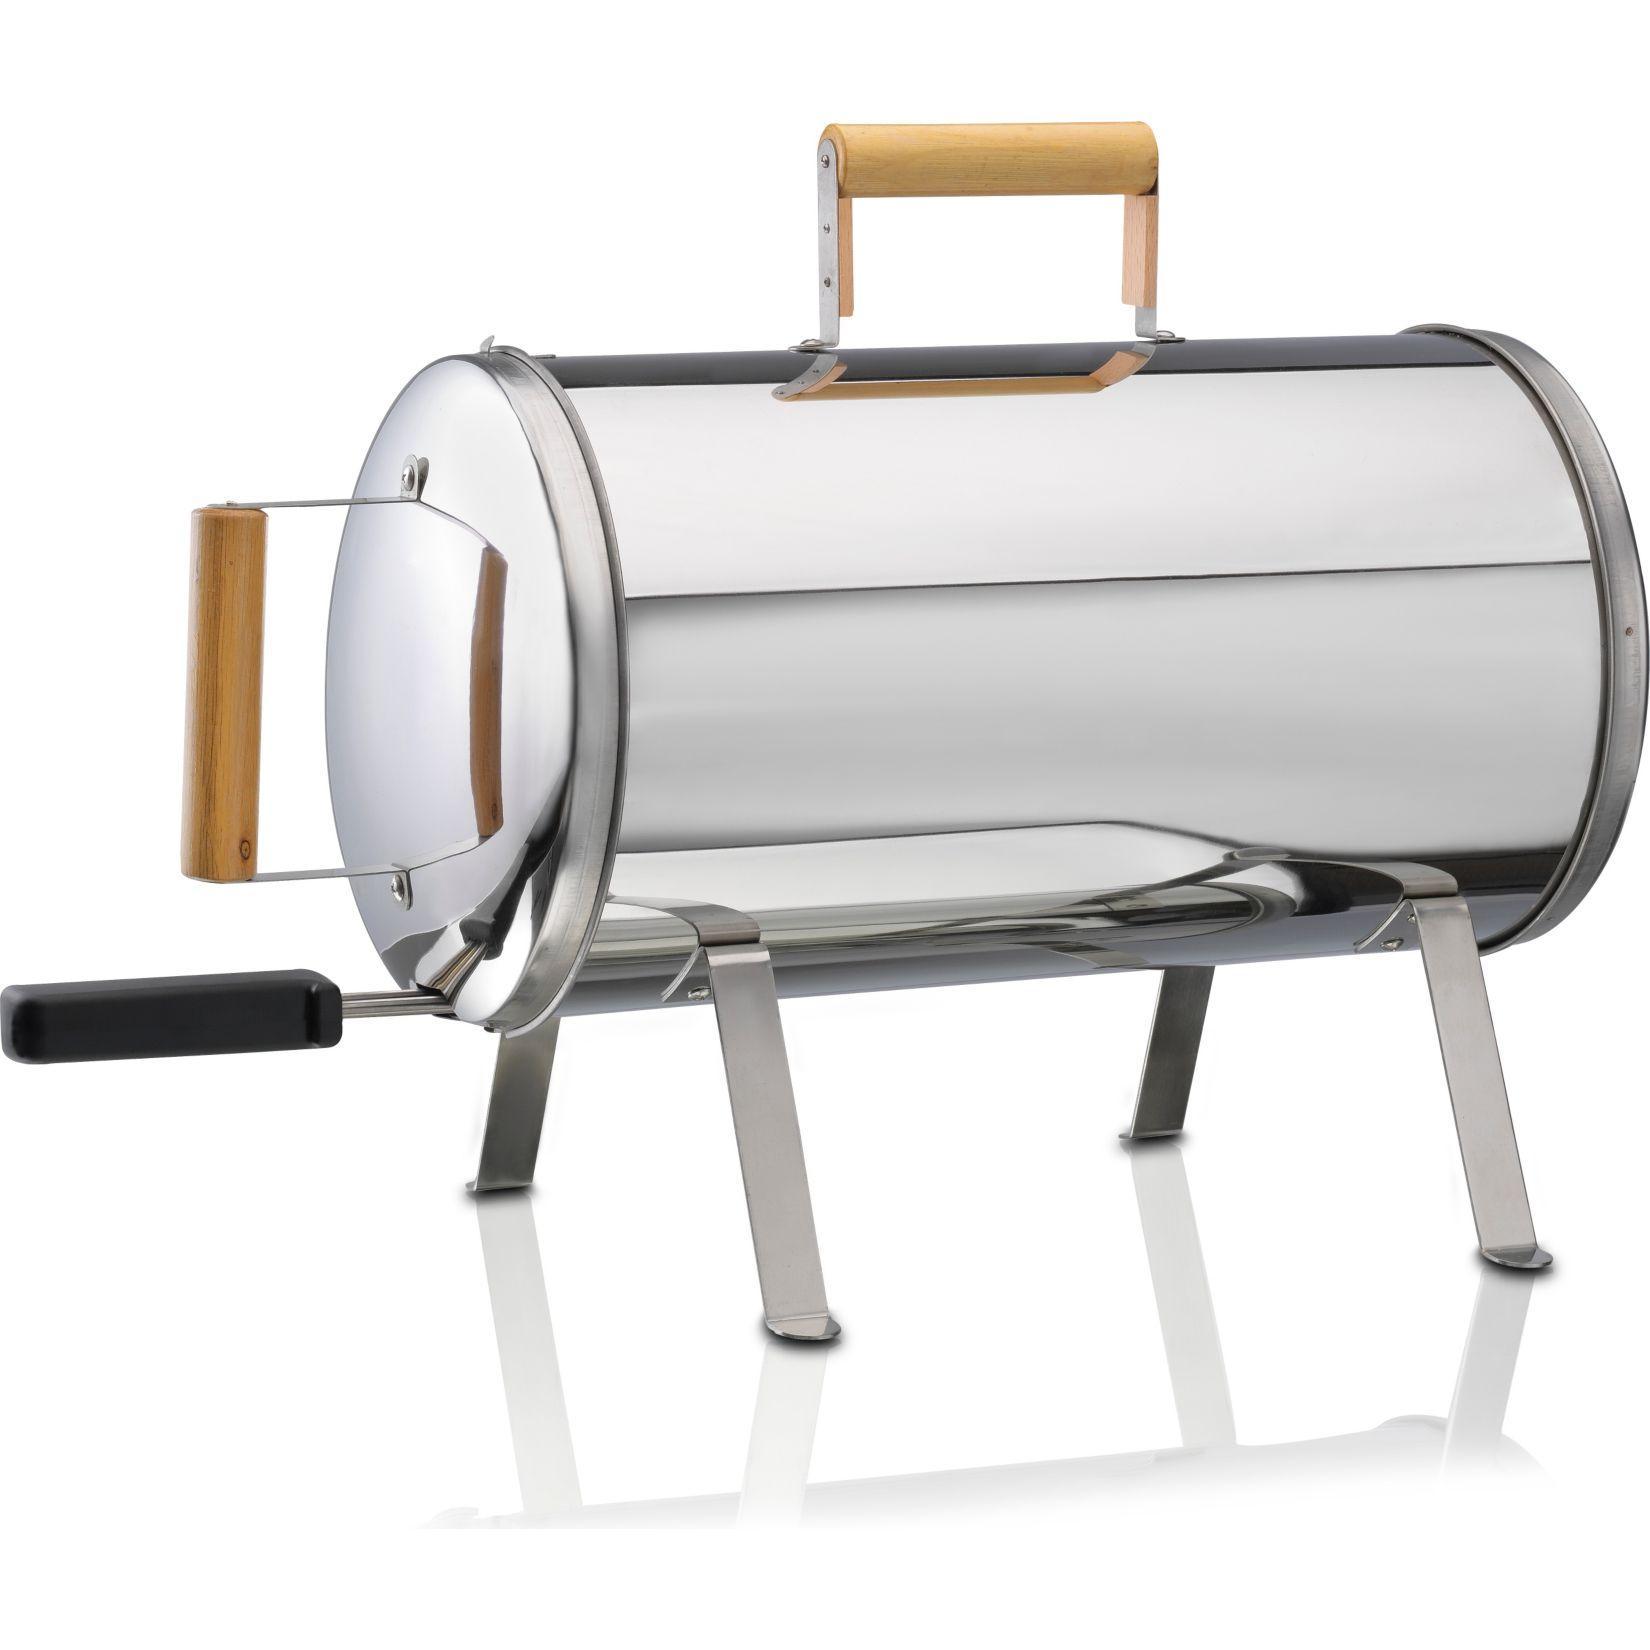 Melissa-Tisch-Smoker-Räuchertonne für 50,00 Euro bei im Netto ...